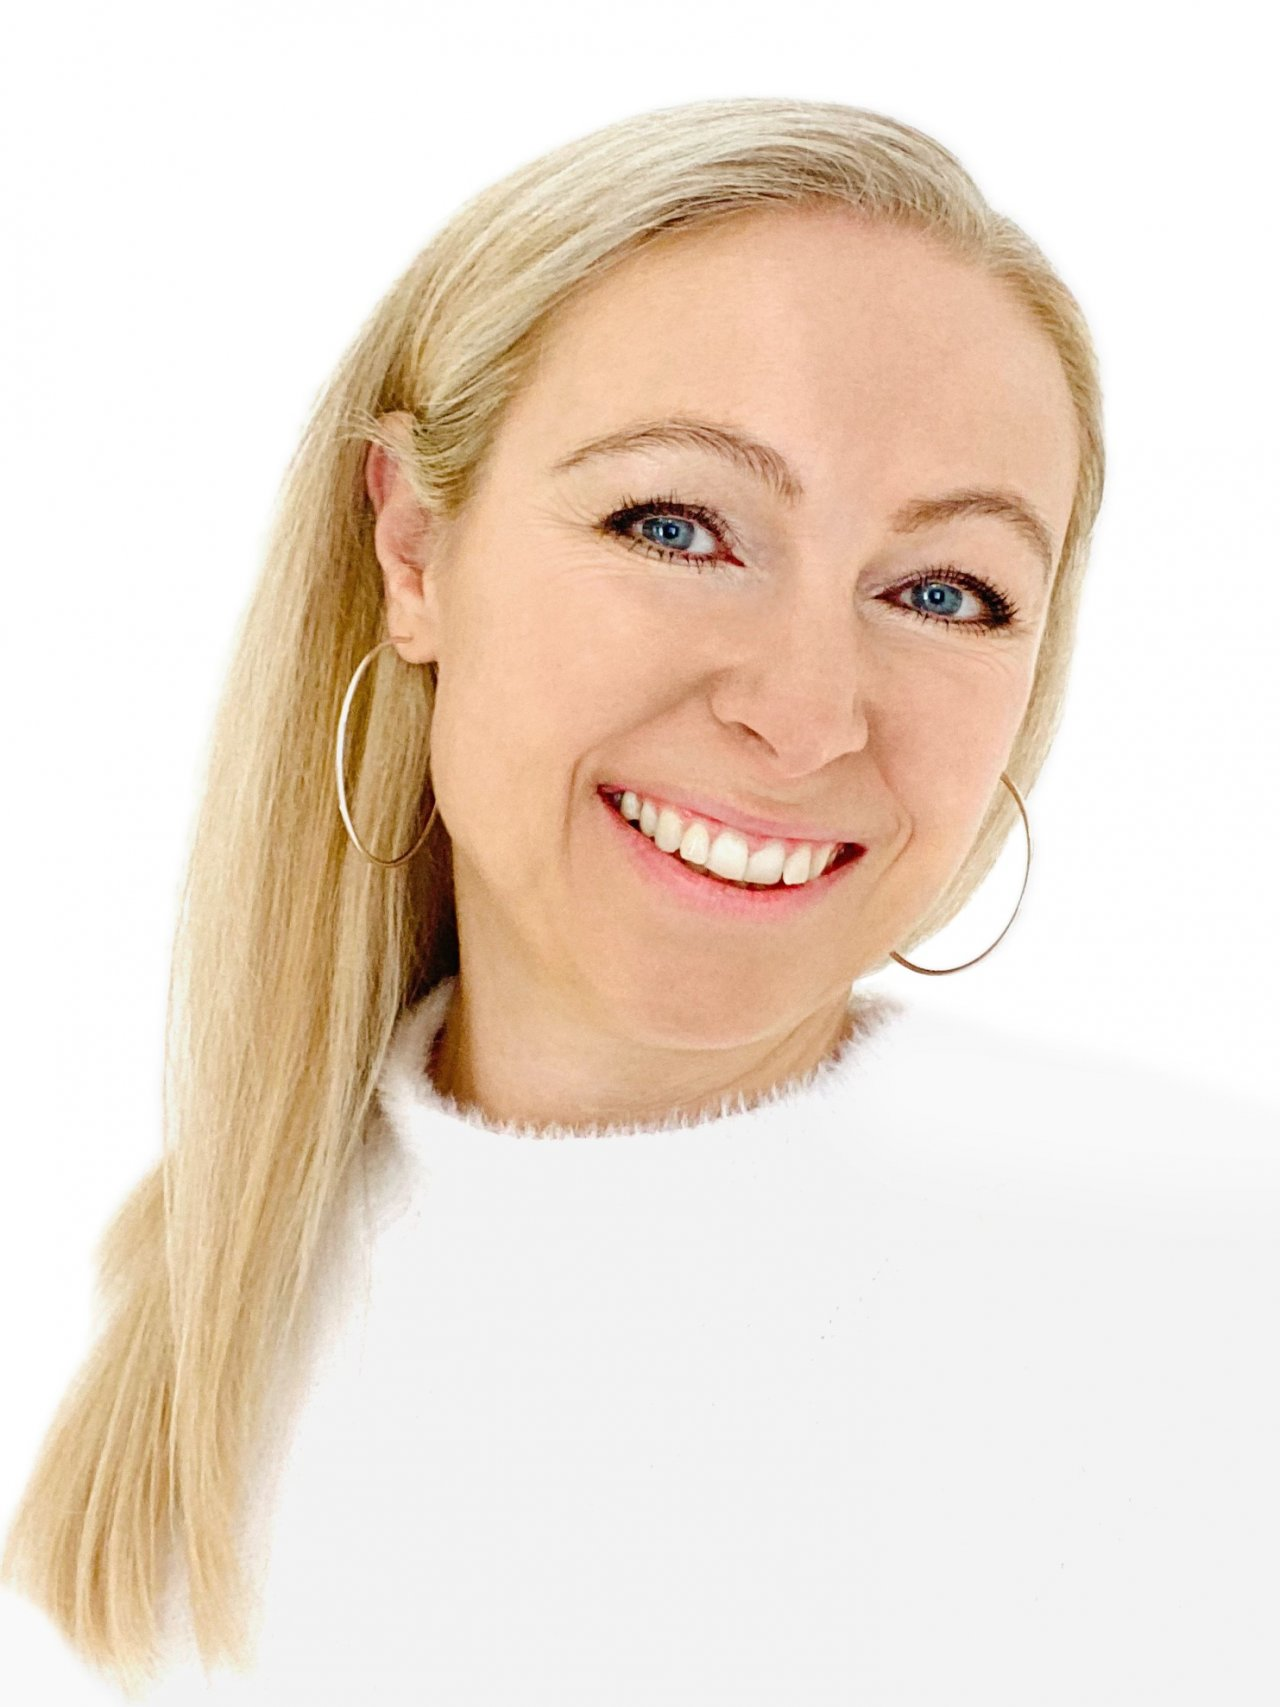 Das Portraitfoto zeigt die sympathische Alexandra Schüler aus 2831 Scheiblingkirchen. Sie hat lange blonde Haare, die als Zopf gebunden sind. Sie hat blaue Augen und lacht in die Kamera. Auf dem Foto trägt sie ein dunkelrotes Polo T-Shirt.